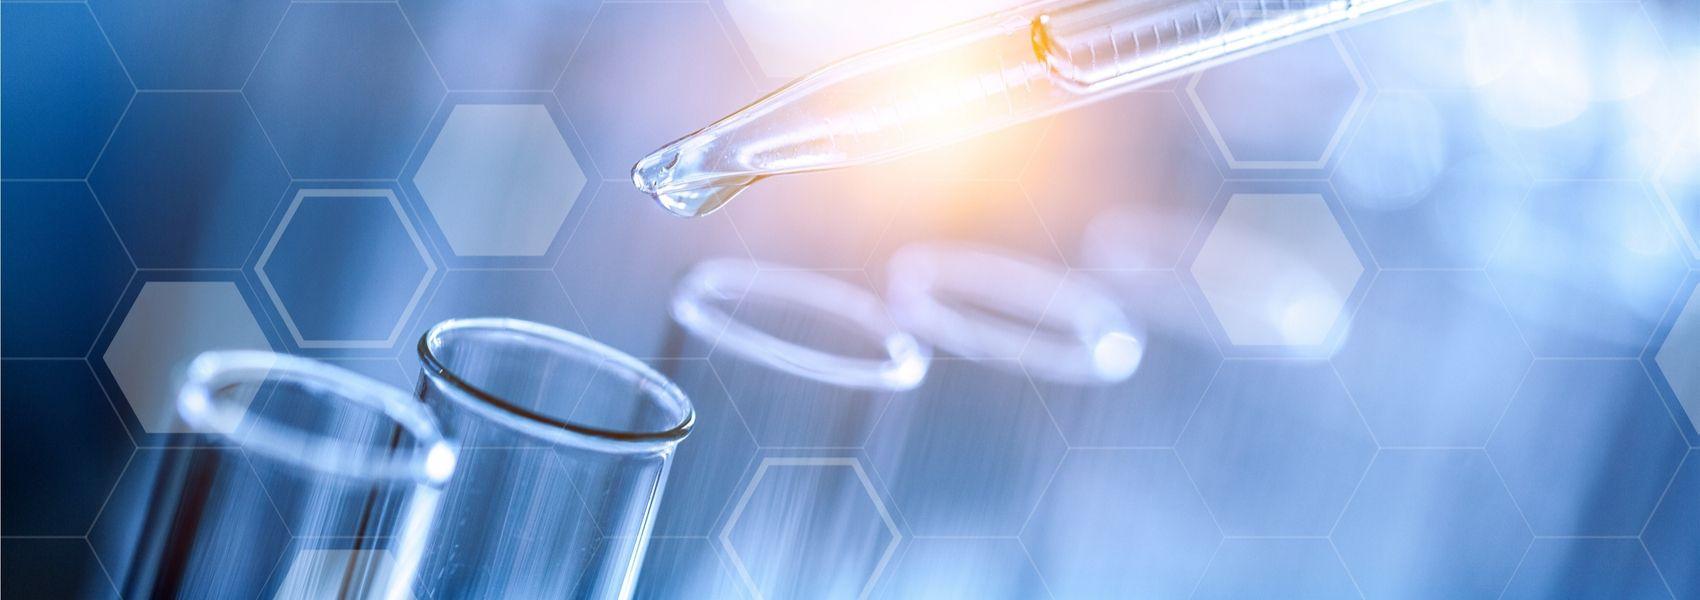 evento sobre biotecnologia